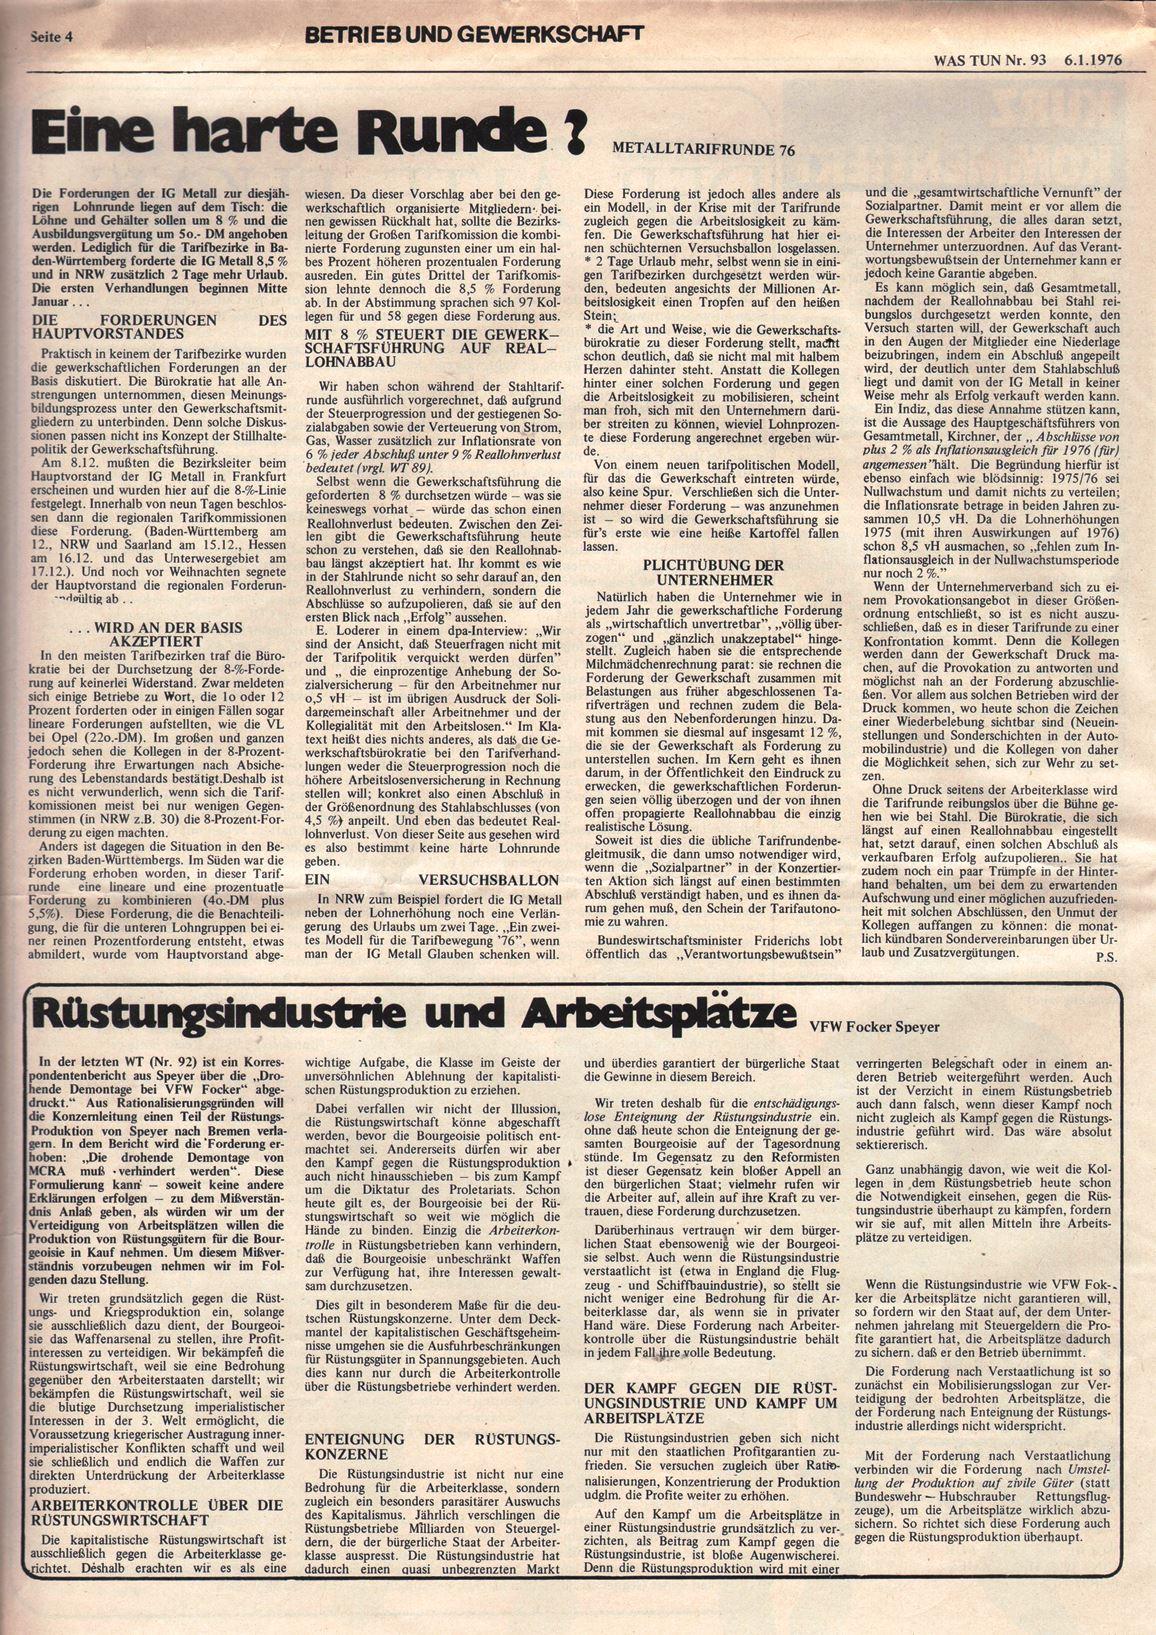 GIM_Was_tun_1975_272